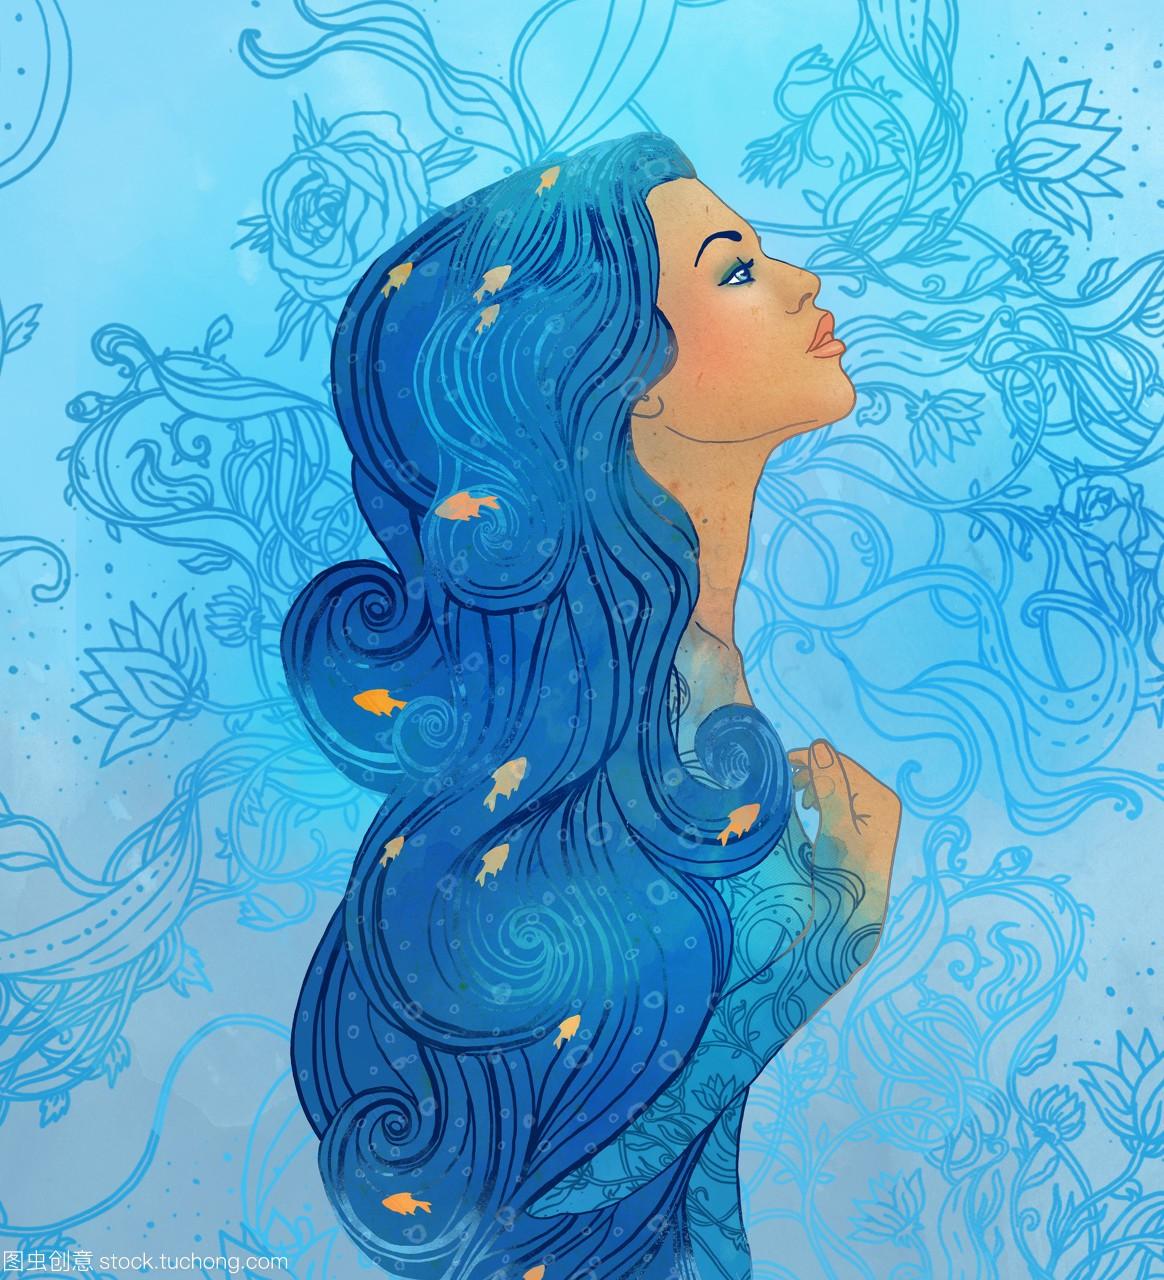 女生座的水瓶喜欢一个美丽的星座天蝎座一般作为什么样的女孩图片